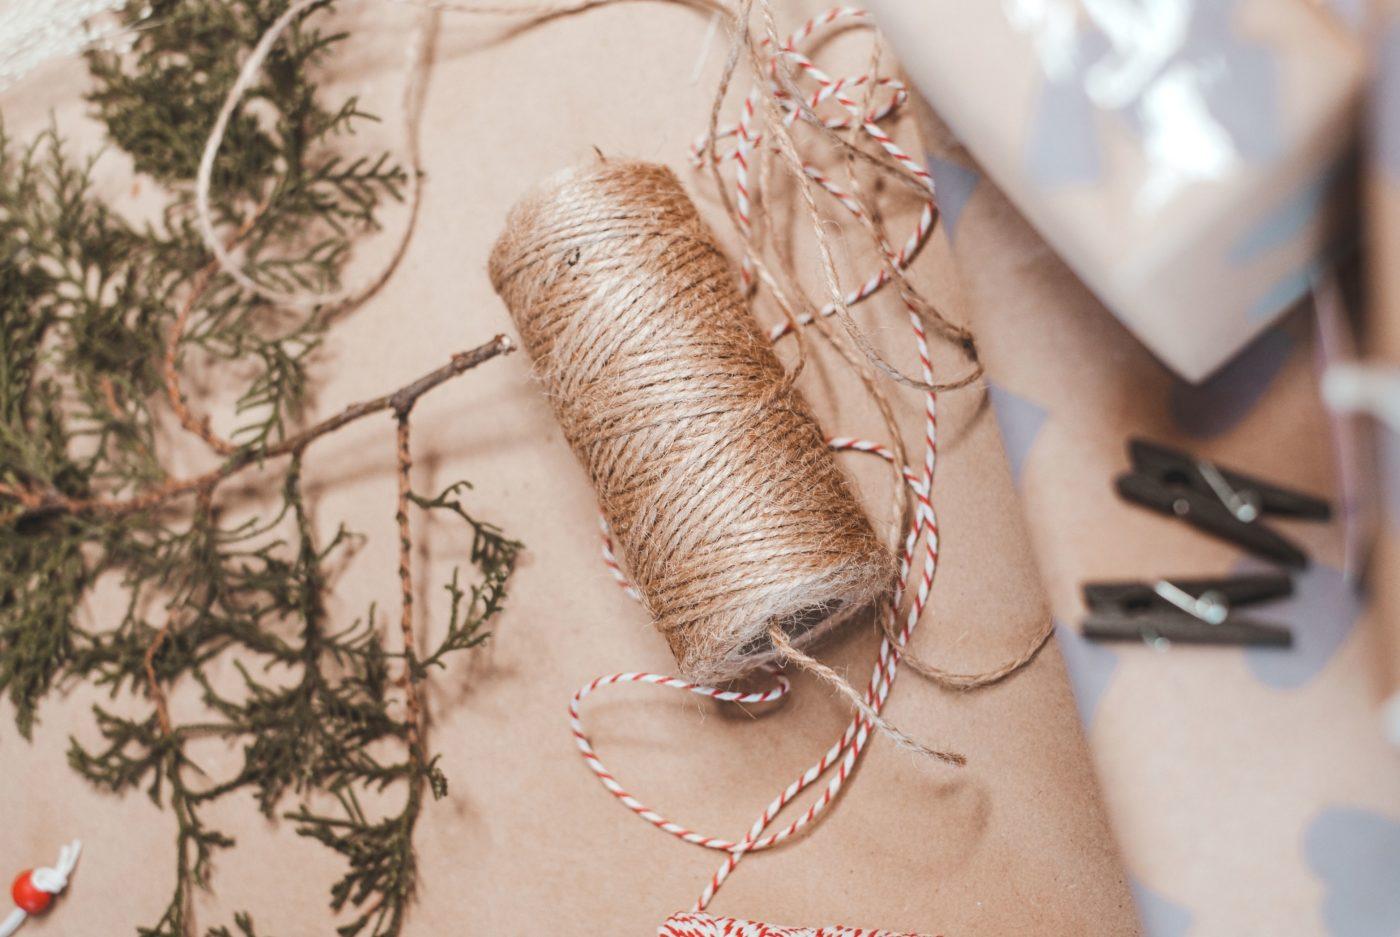 Weihnachtsgeschenke stressfrei einpacken